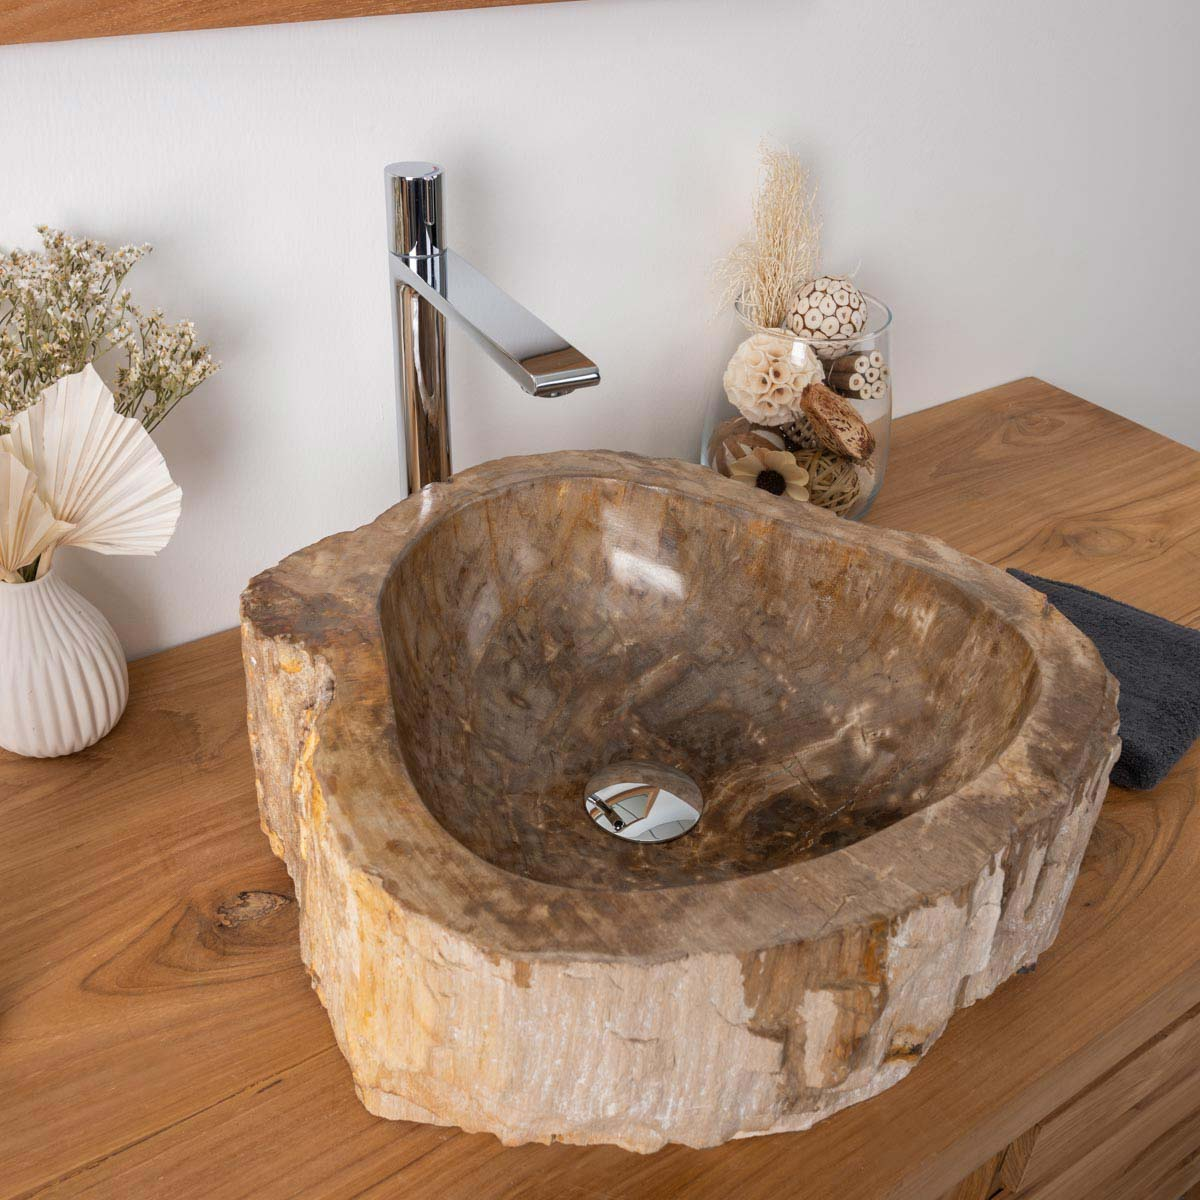 Vasque vasque poser bois p trifi fossilis l 43 cm x p 40 cm x h 16 cm - Vasque en bois ...